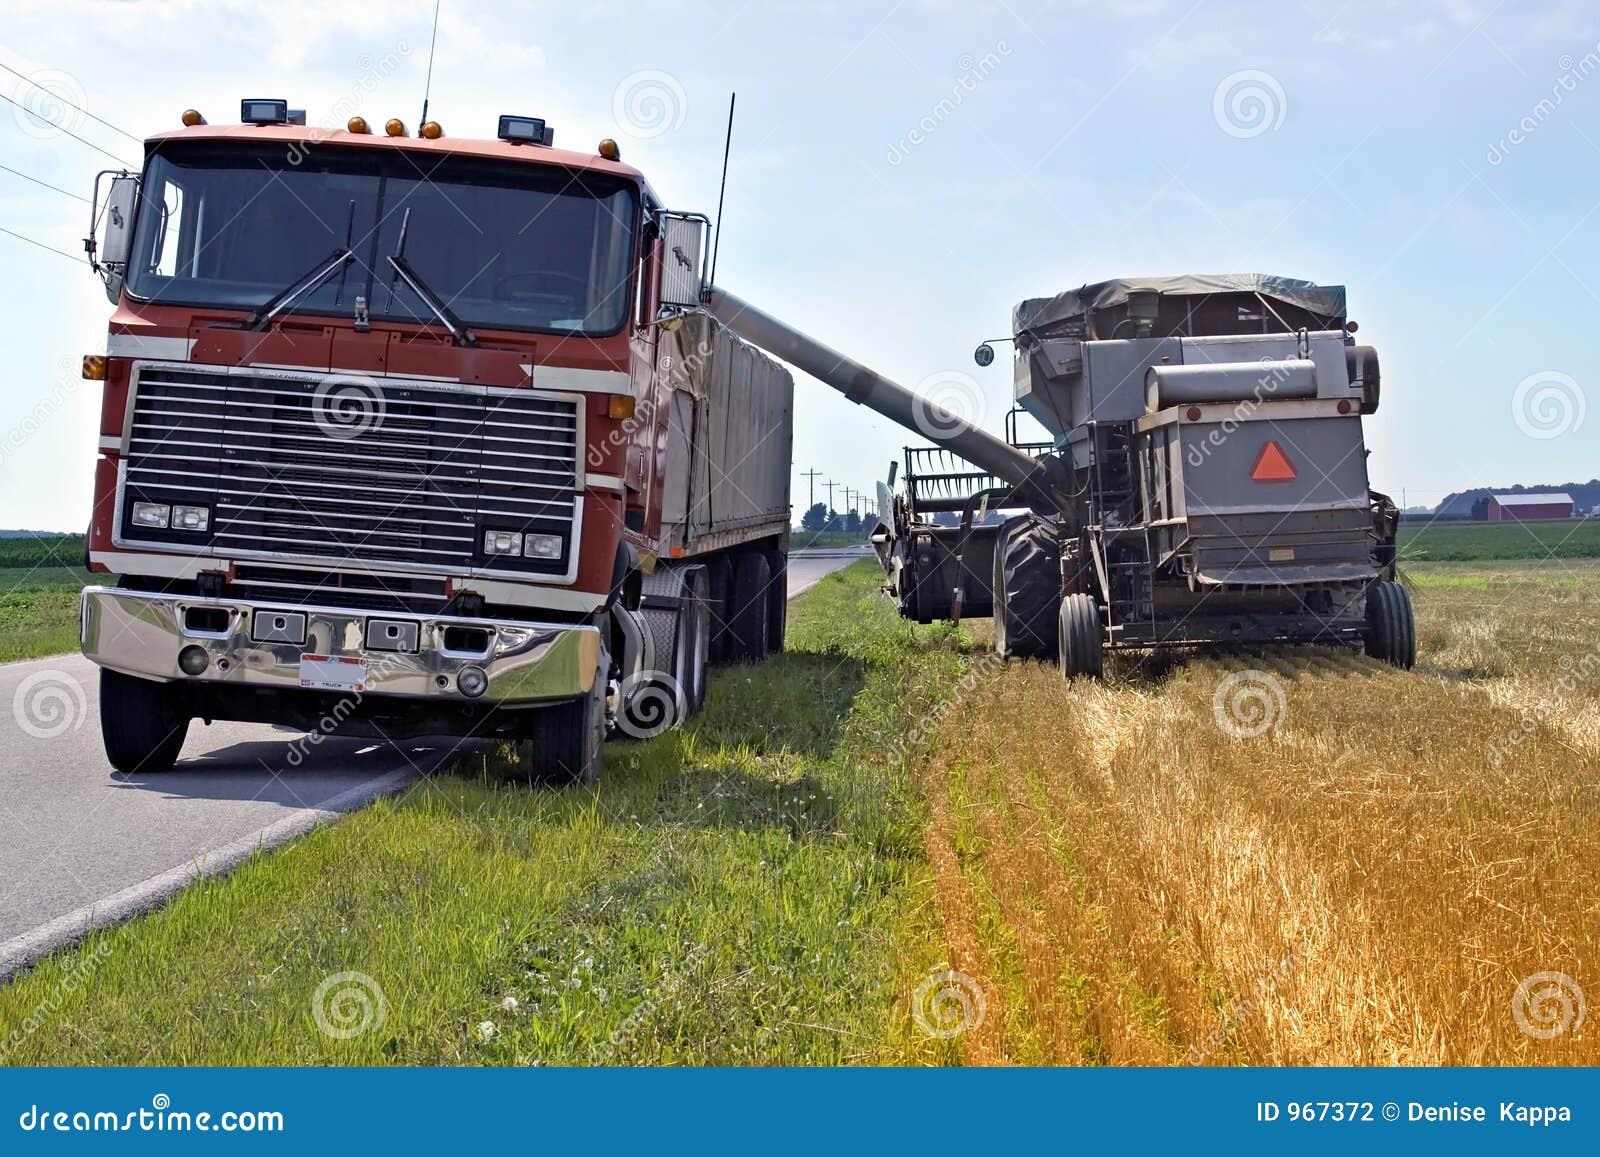 Loading Grain for Transport